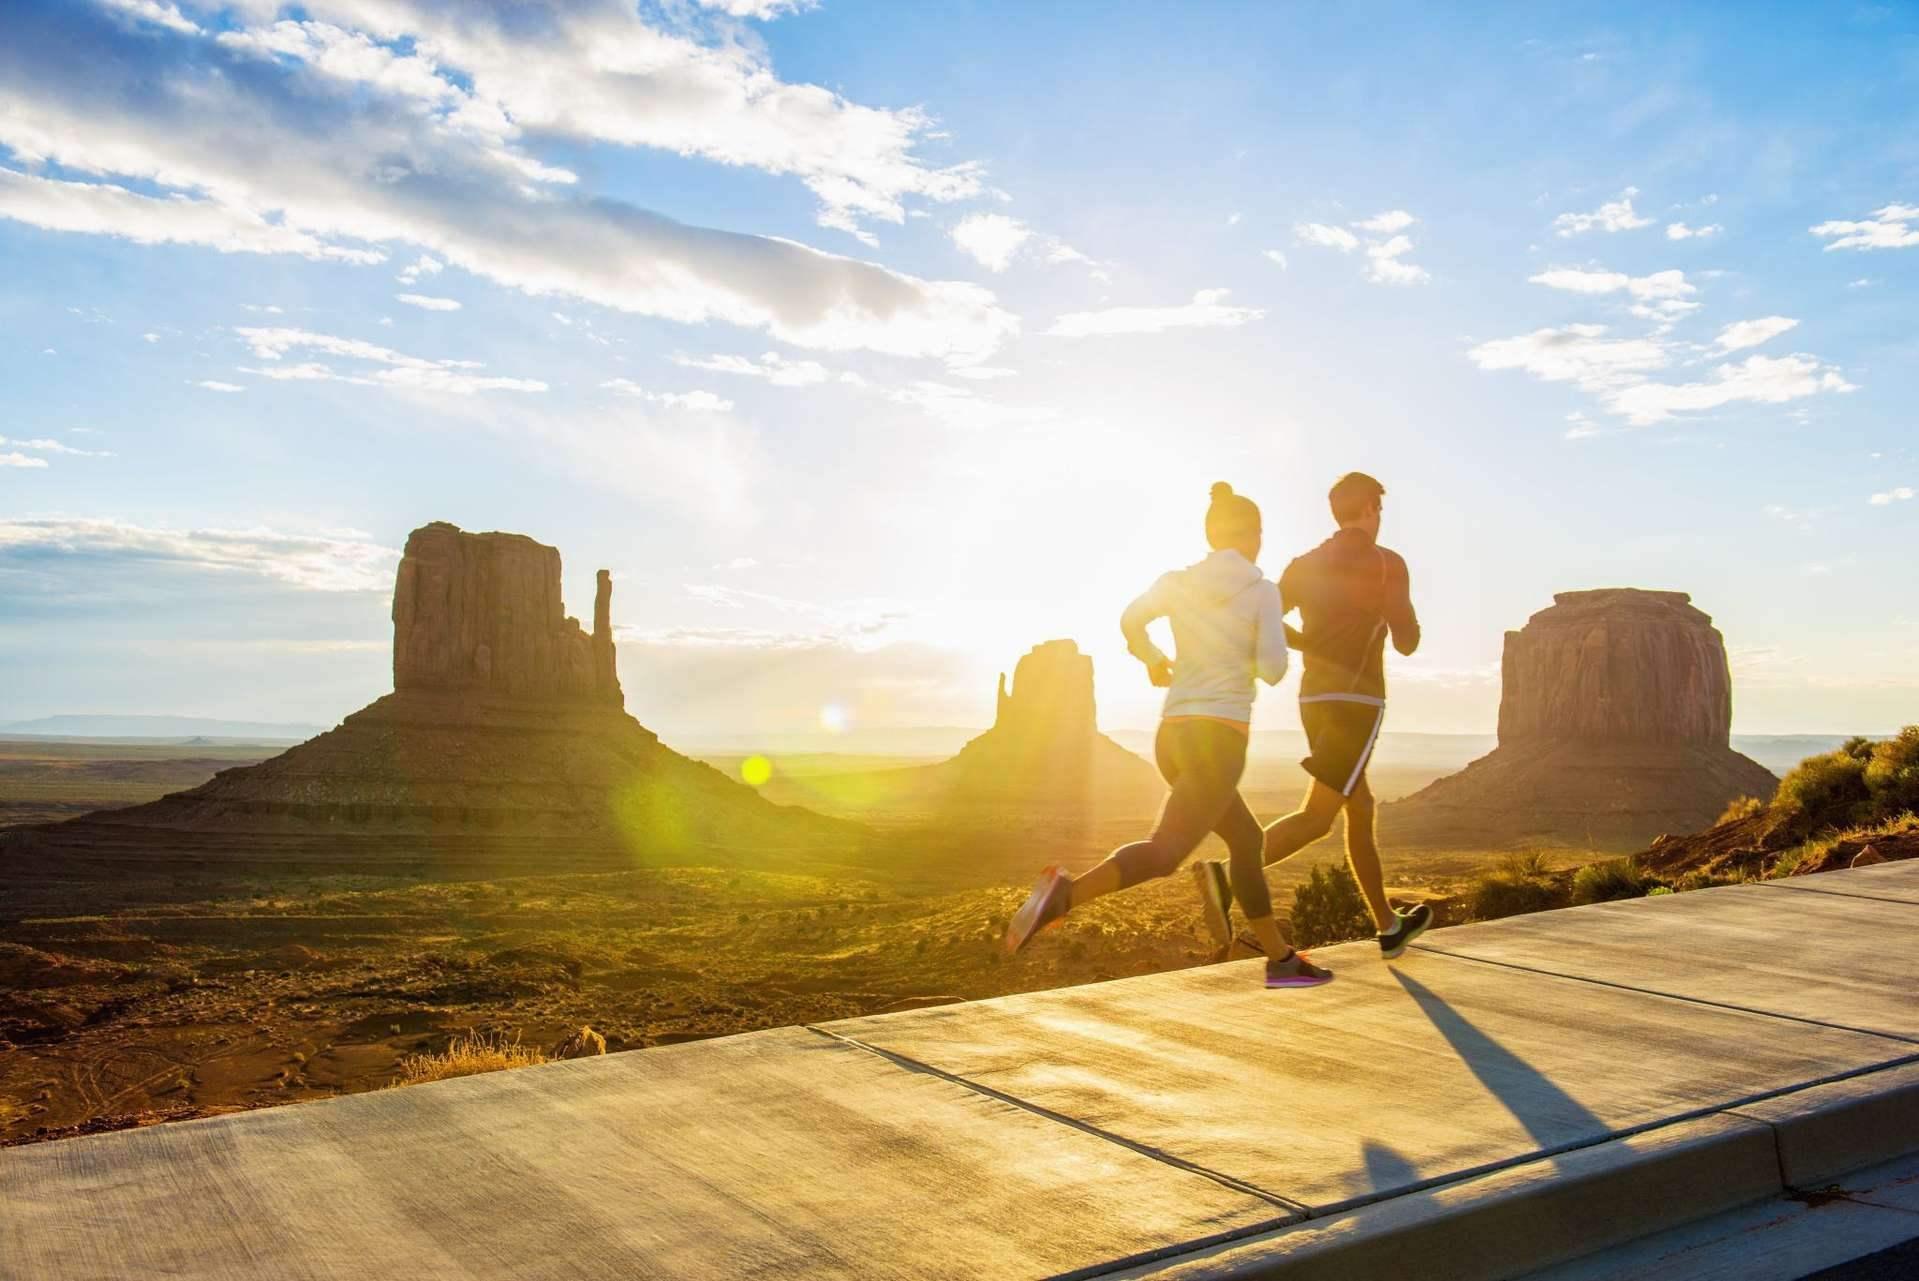 每天坚持跑步,一个月后会怎么样?跑步的五个好处,早看早知道